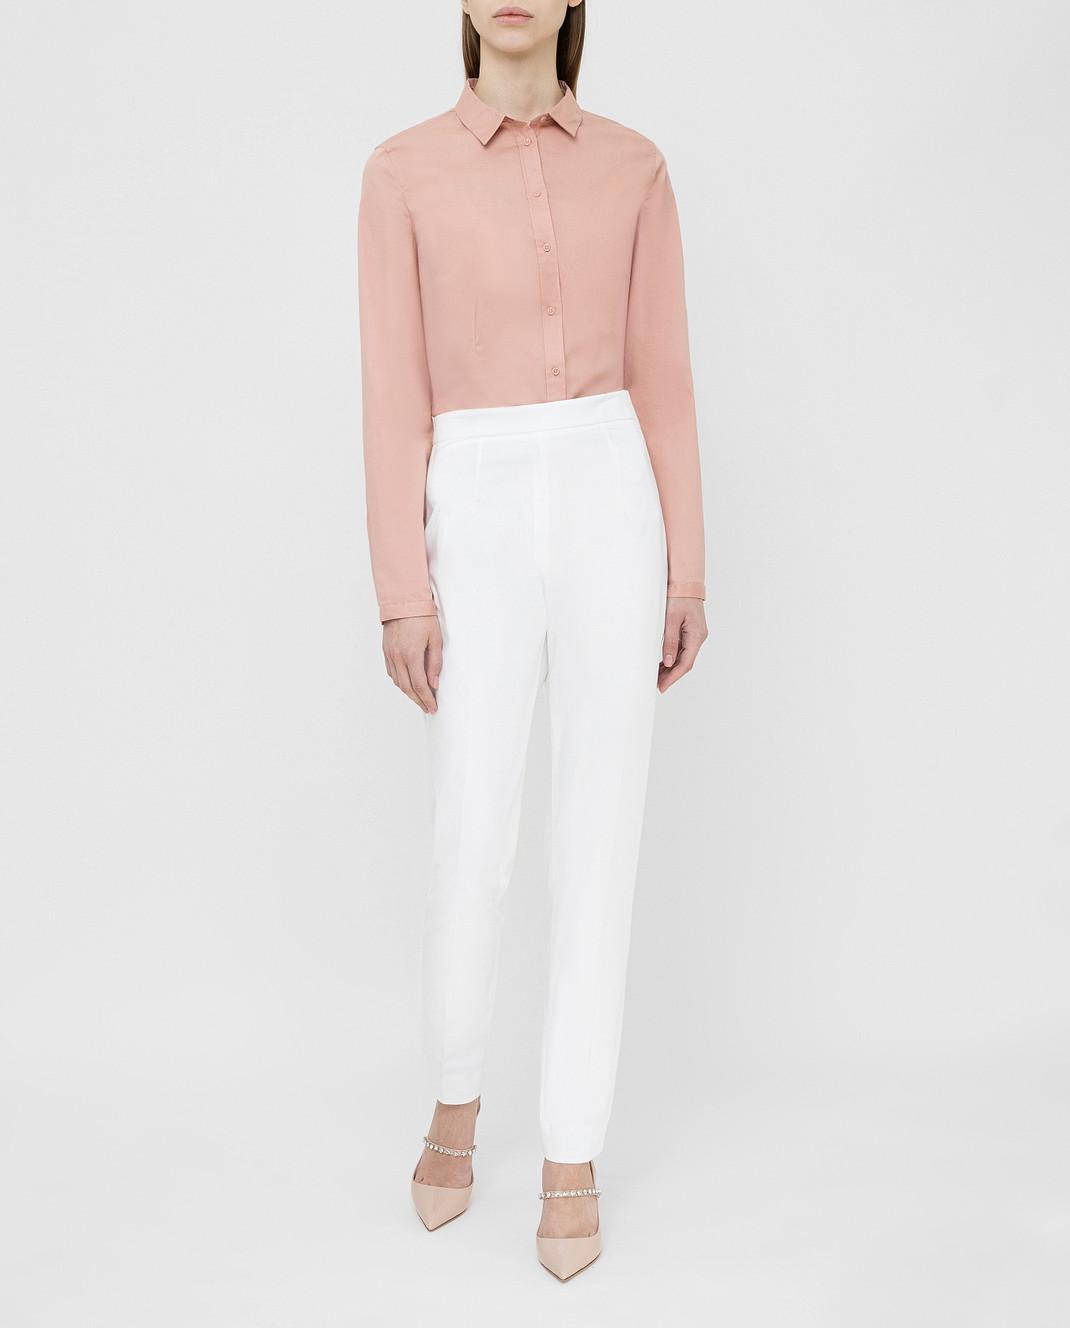 Prada Белые брюки P298C1VS4 изображение 2